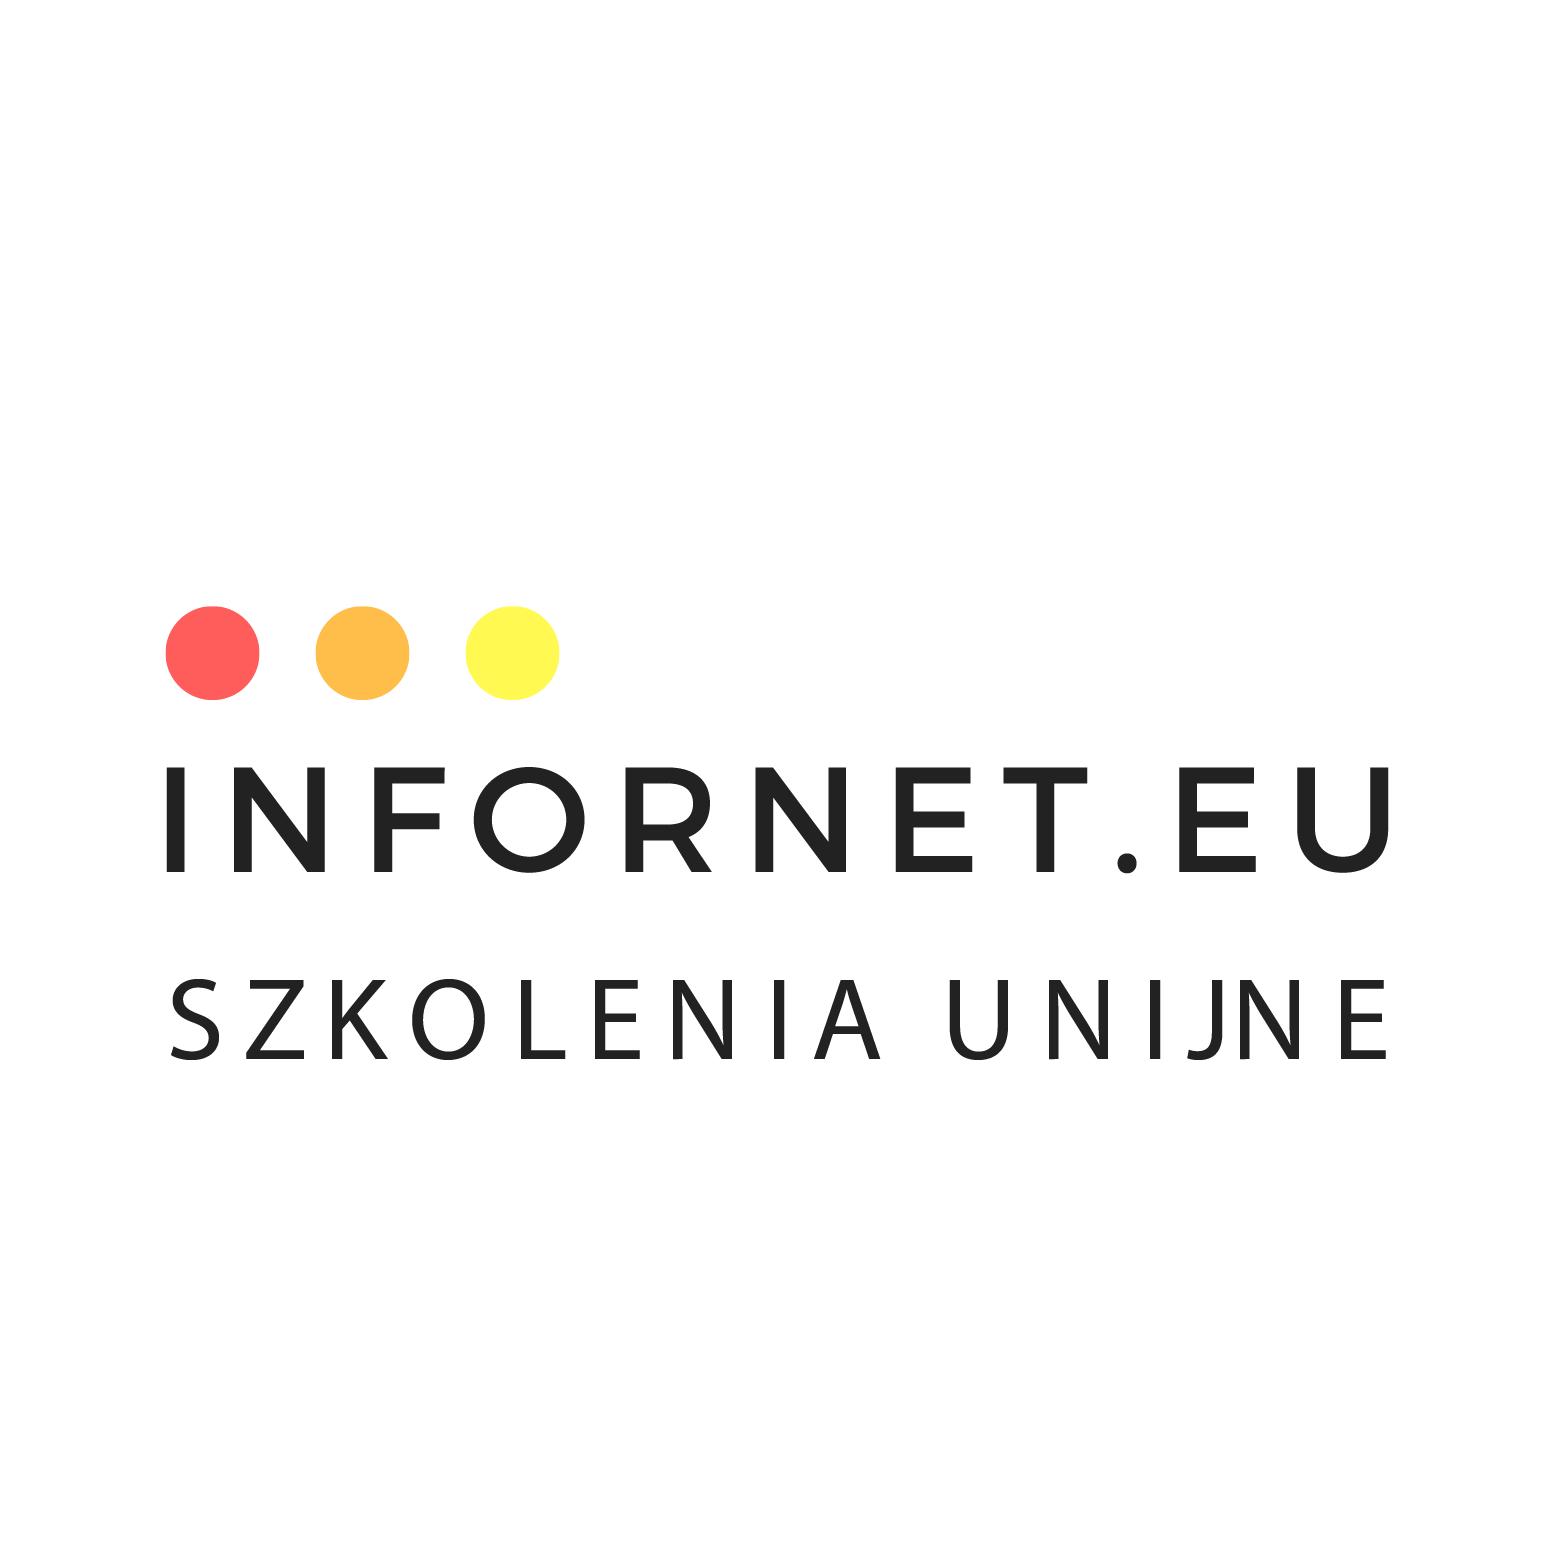 Logo INFORNET.EU SPÓŁKA Z OGRANICZONĄ ODPOWIEDZIALNOŚCIĄ